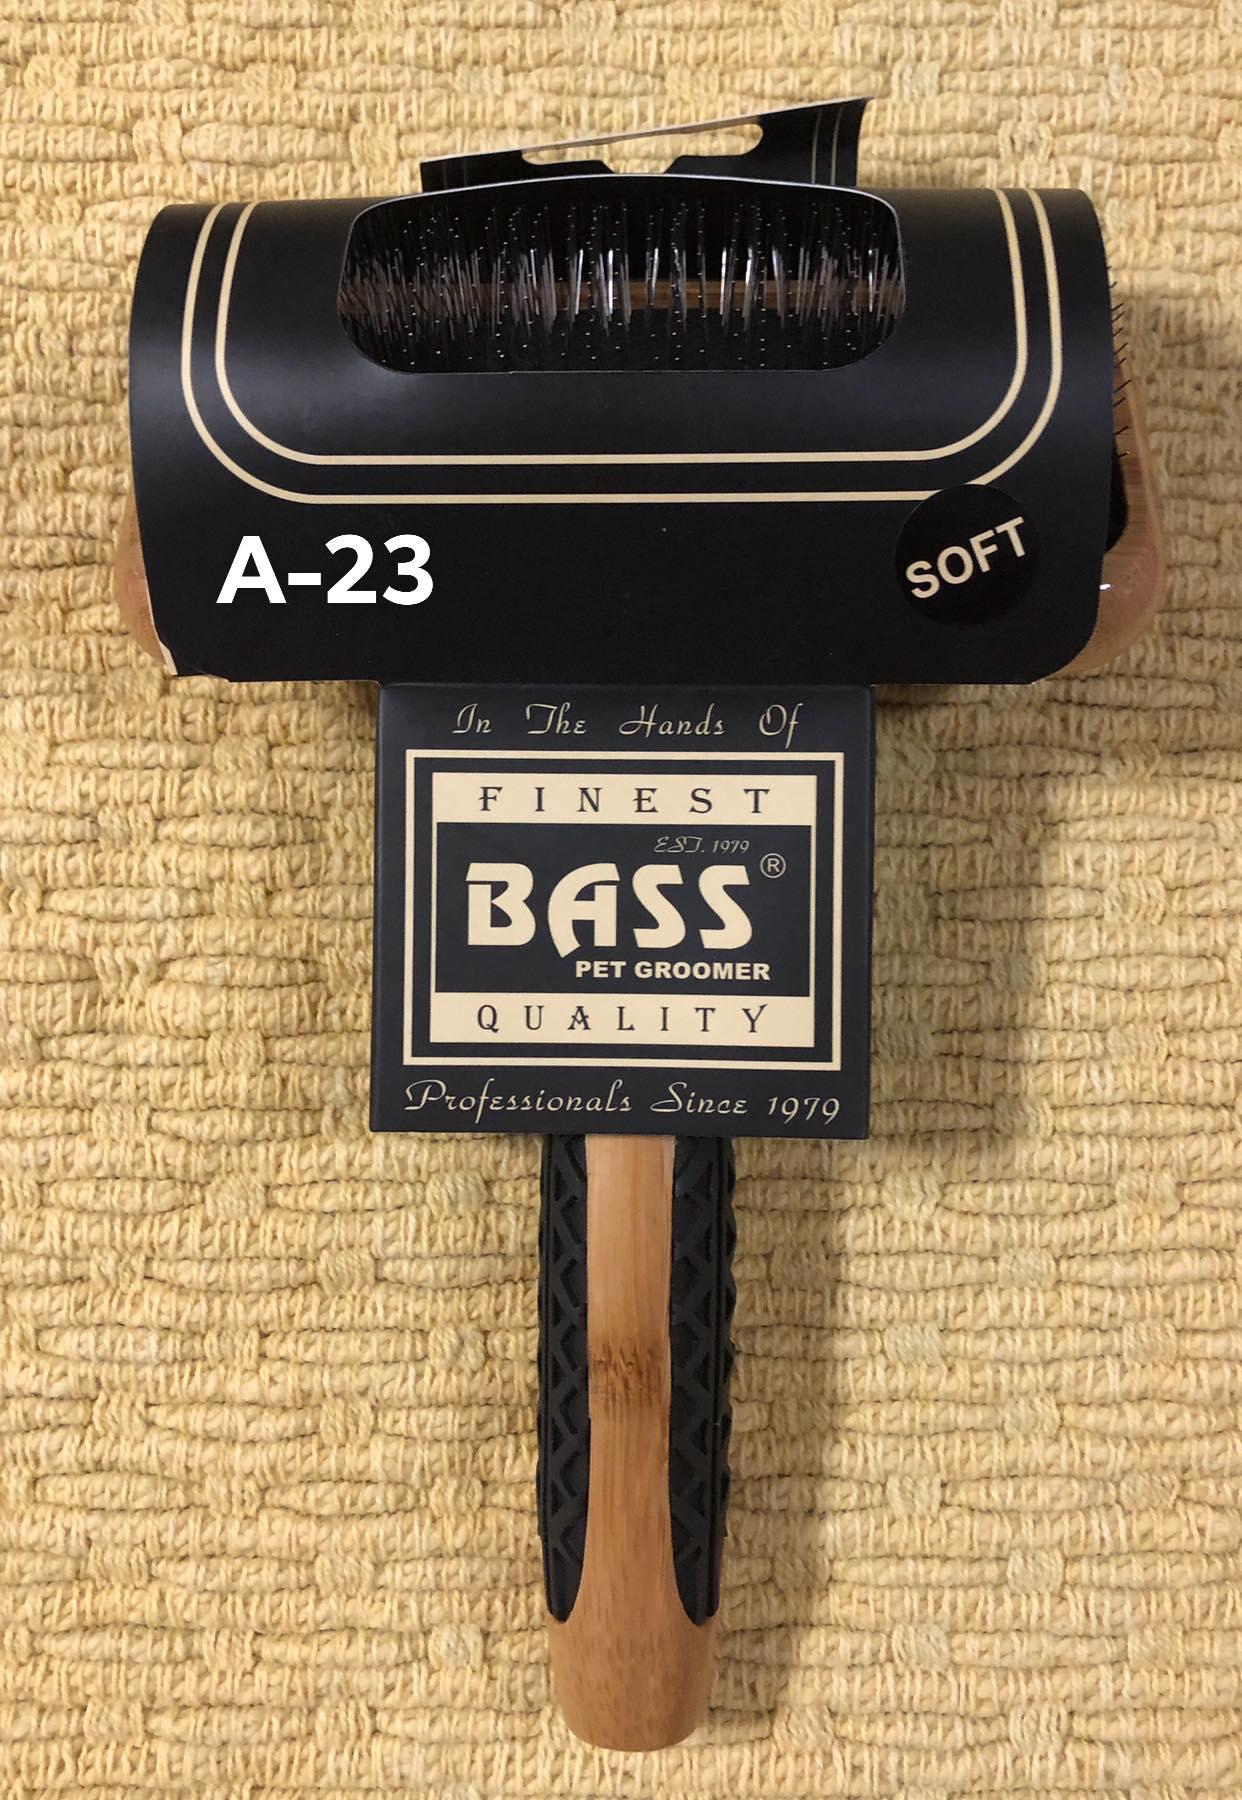 Bass A-23 Soft wet/dry Bamboo Slicker